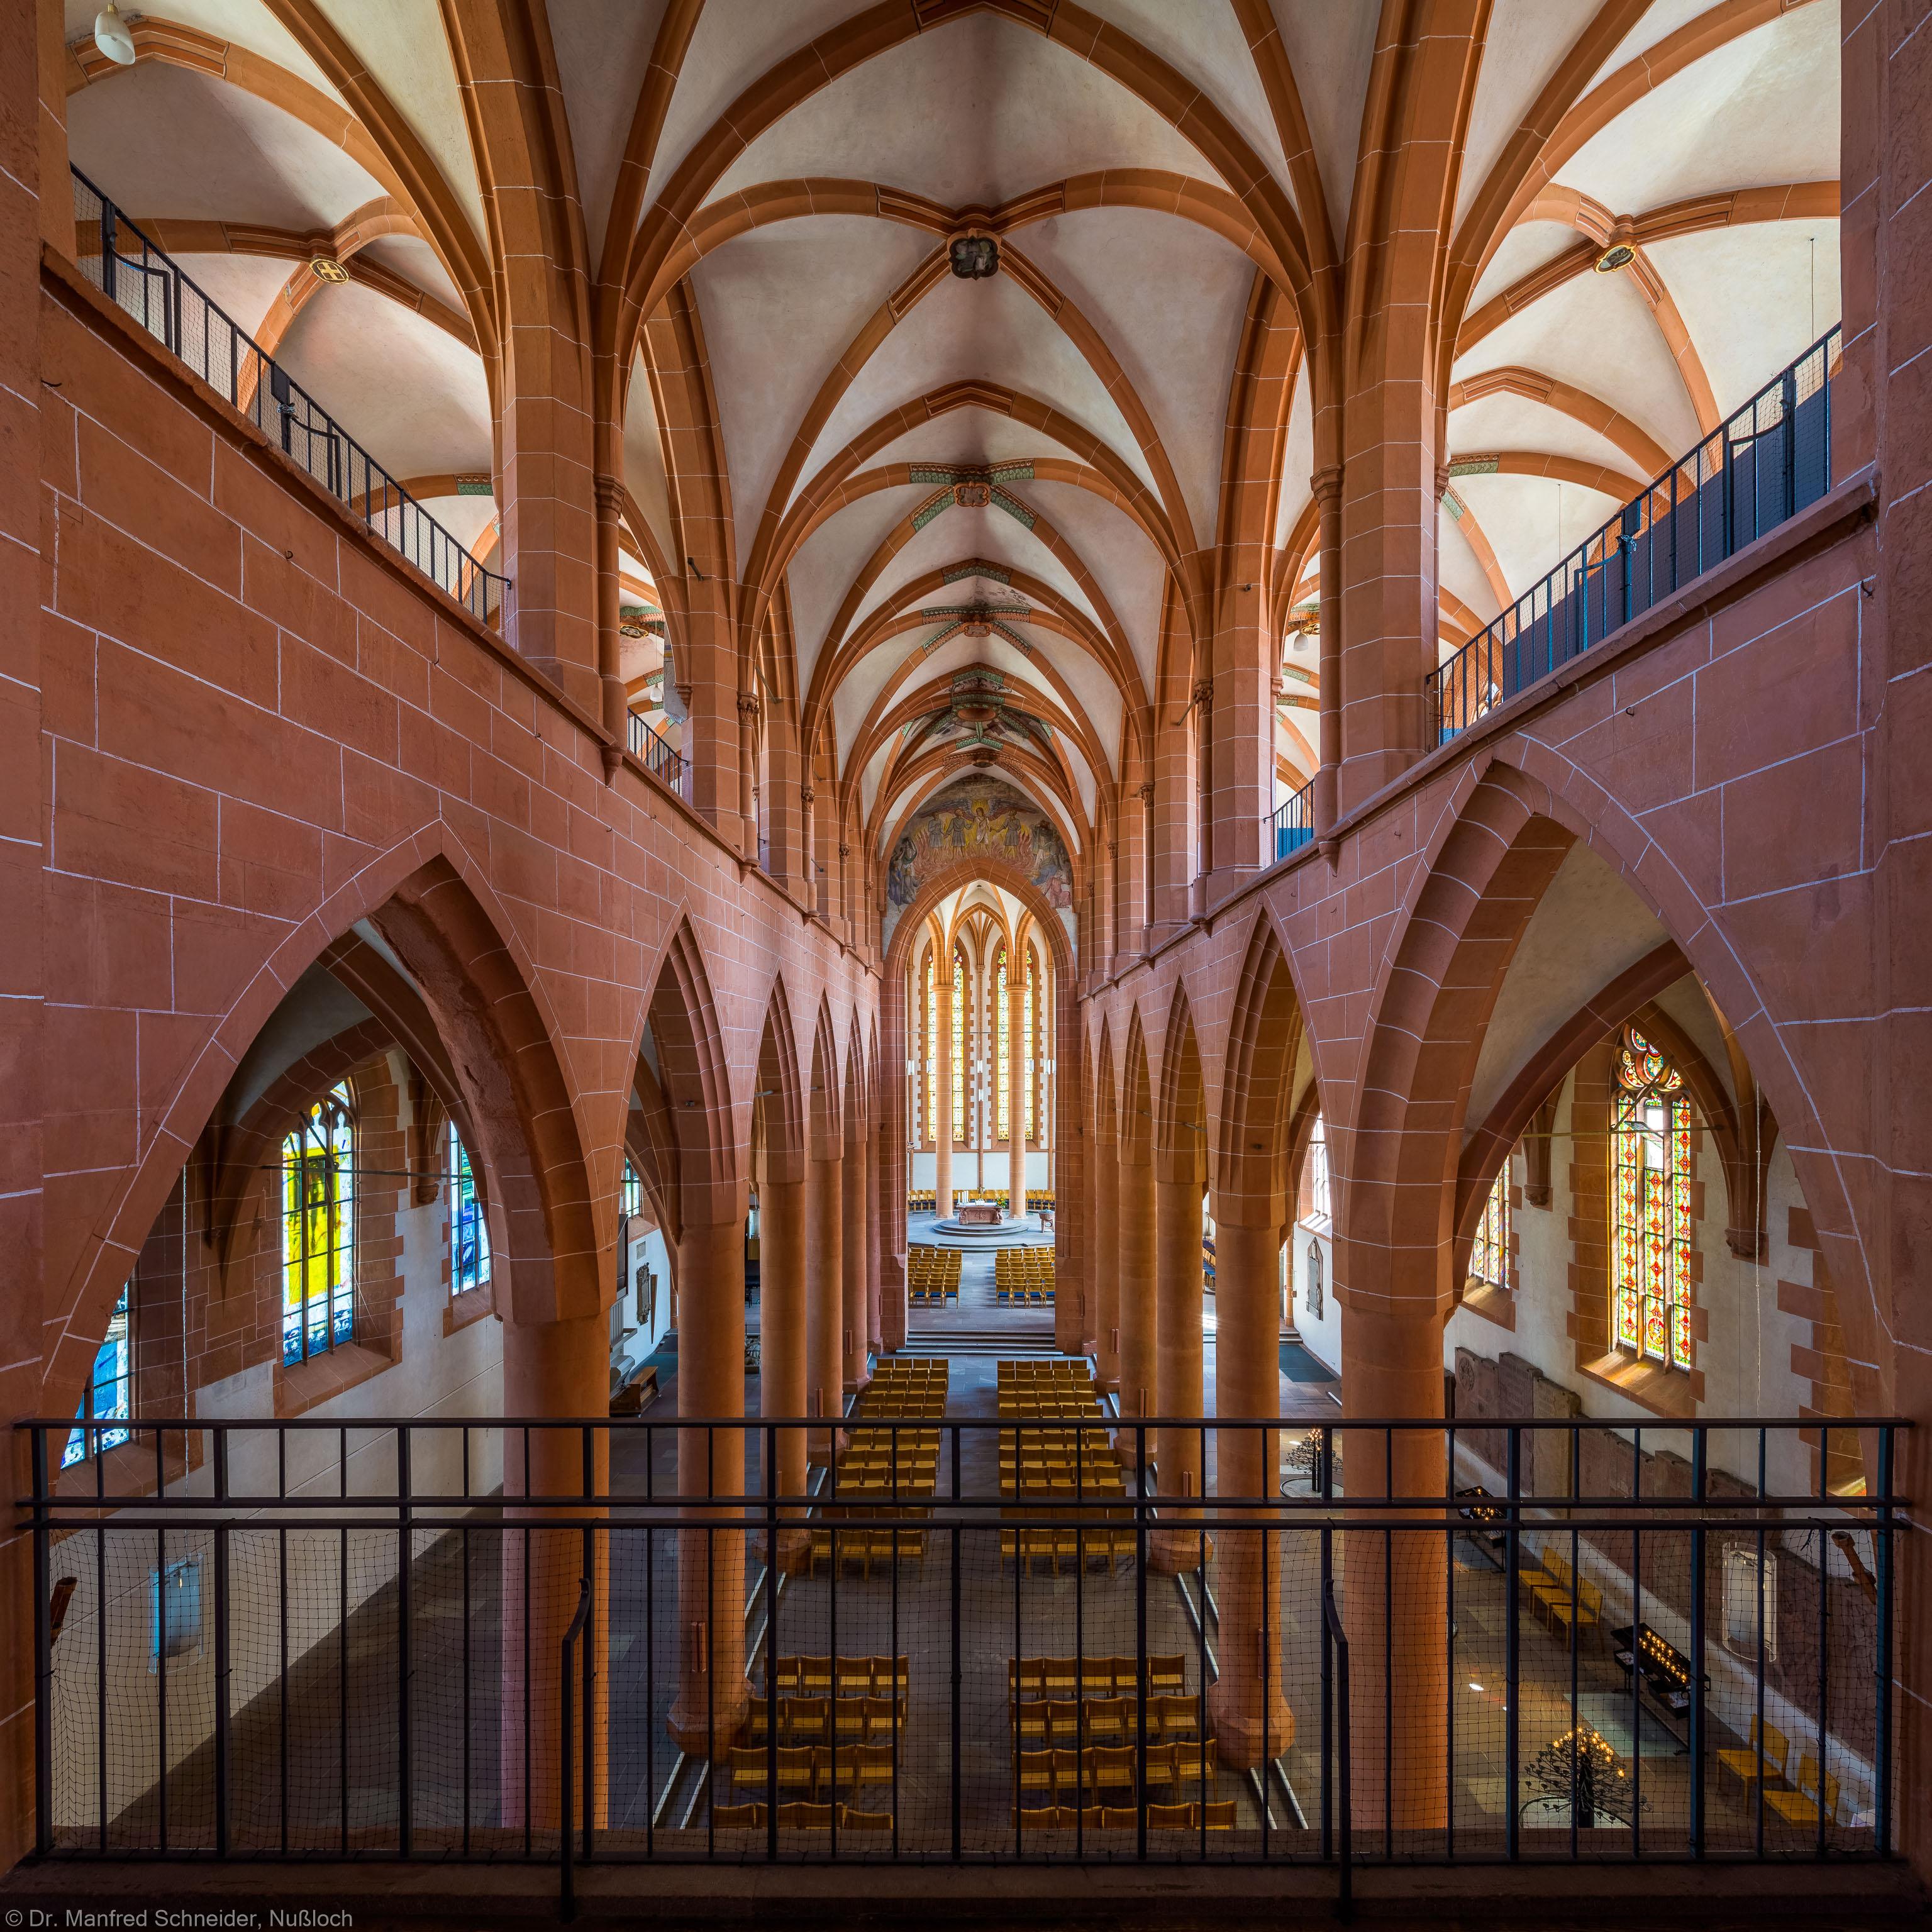 Heidelberg - Heiliggeistkirche - Mittelschiff - Blick von Westempore auf die Schiffe, Emporen und den Chor (aufgenommen im Juli 2015, am Nachmittag)